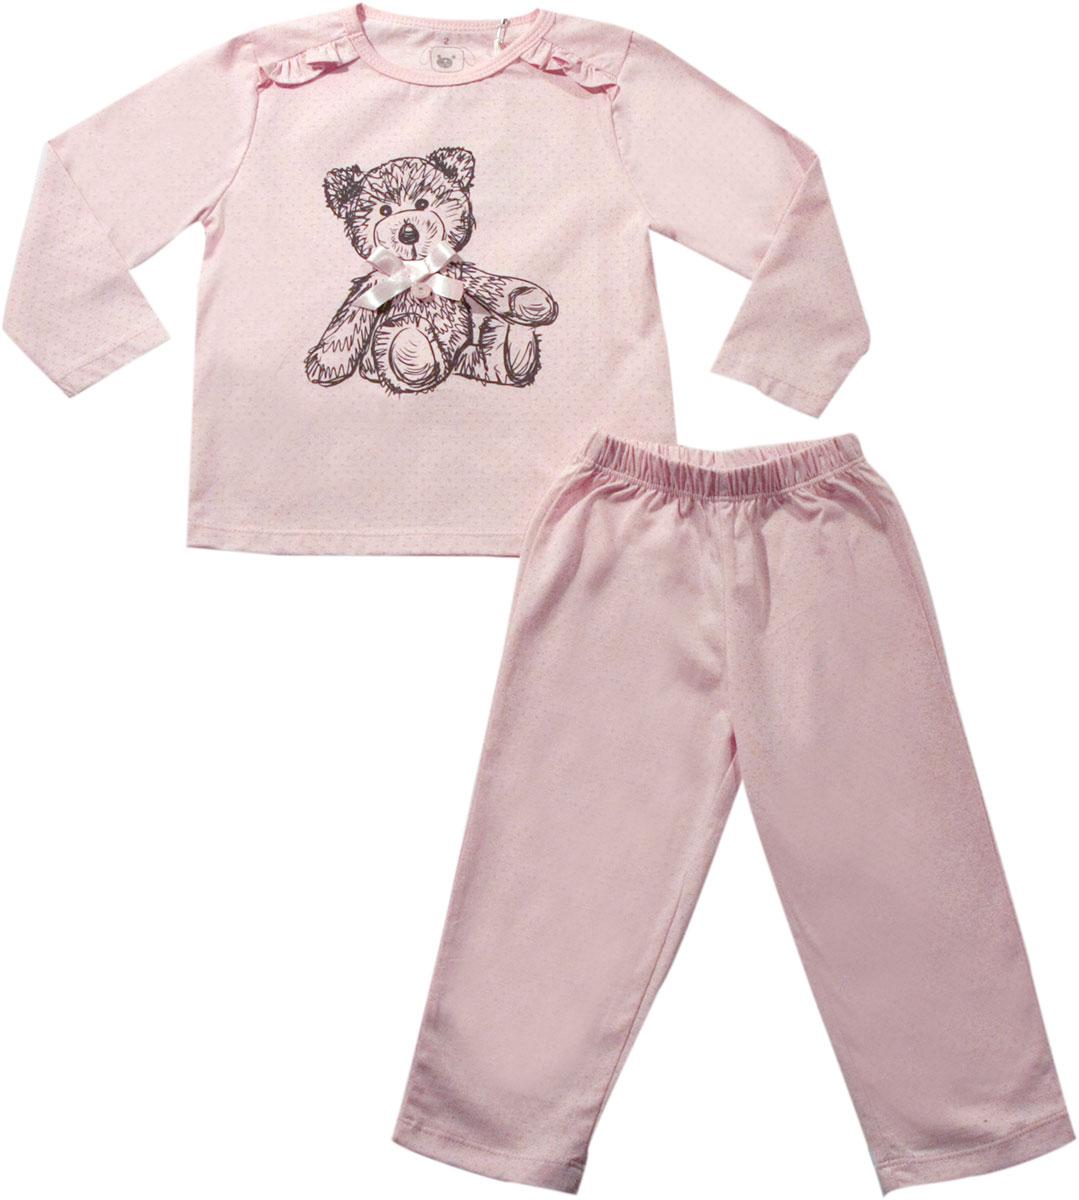 61.019 - Conjunto Pijama Silk Ursinho